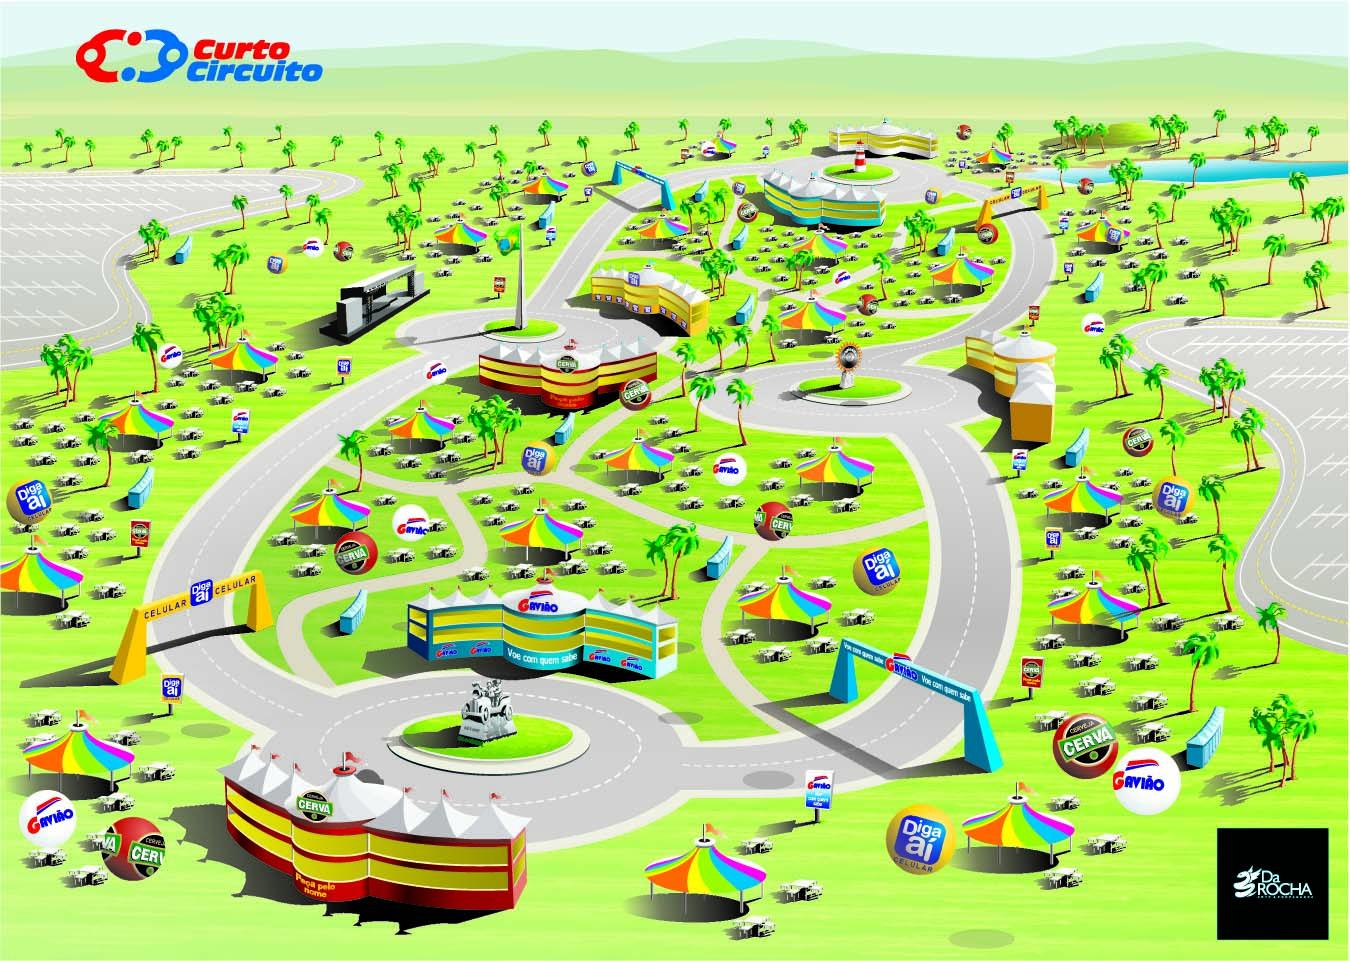 Circuito Osmar : Circuito dodô osmar pedrinho da rocha